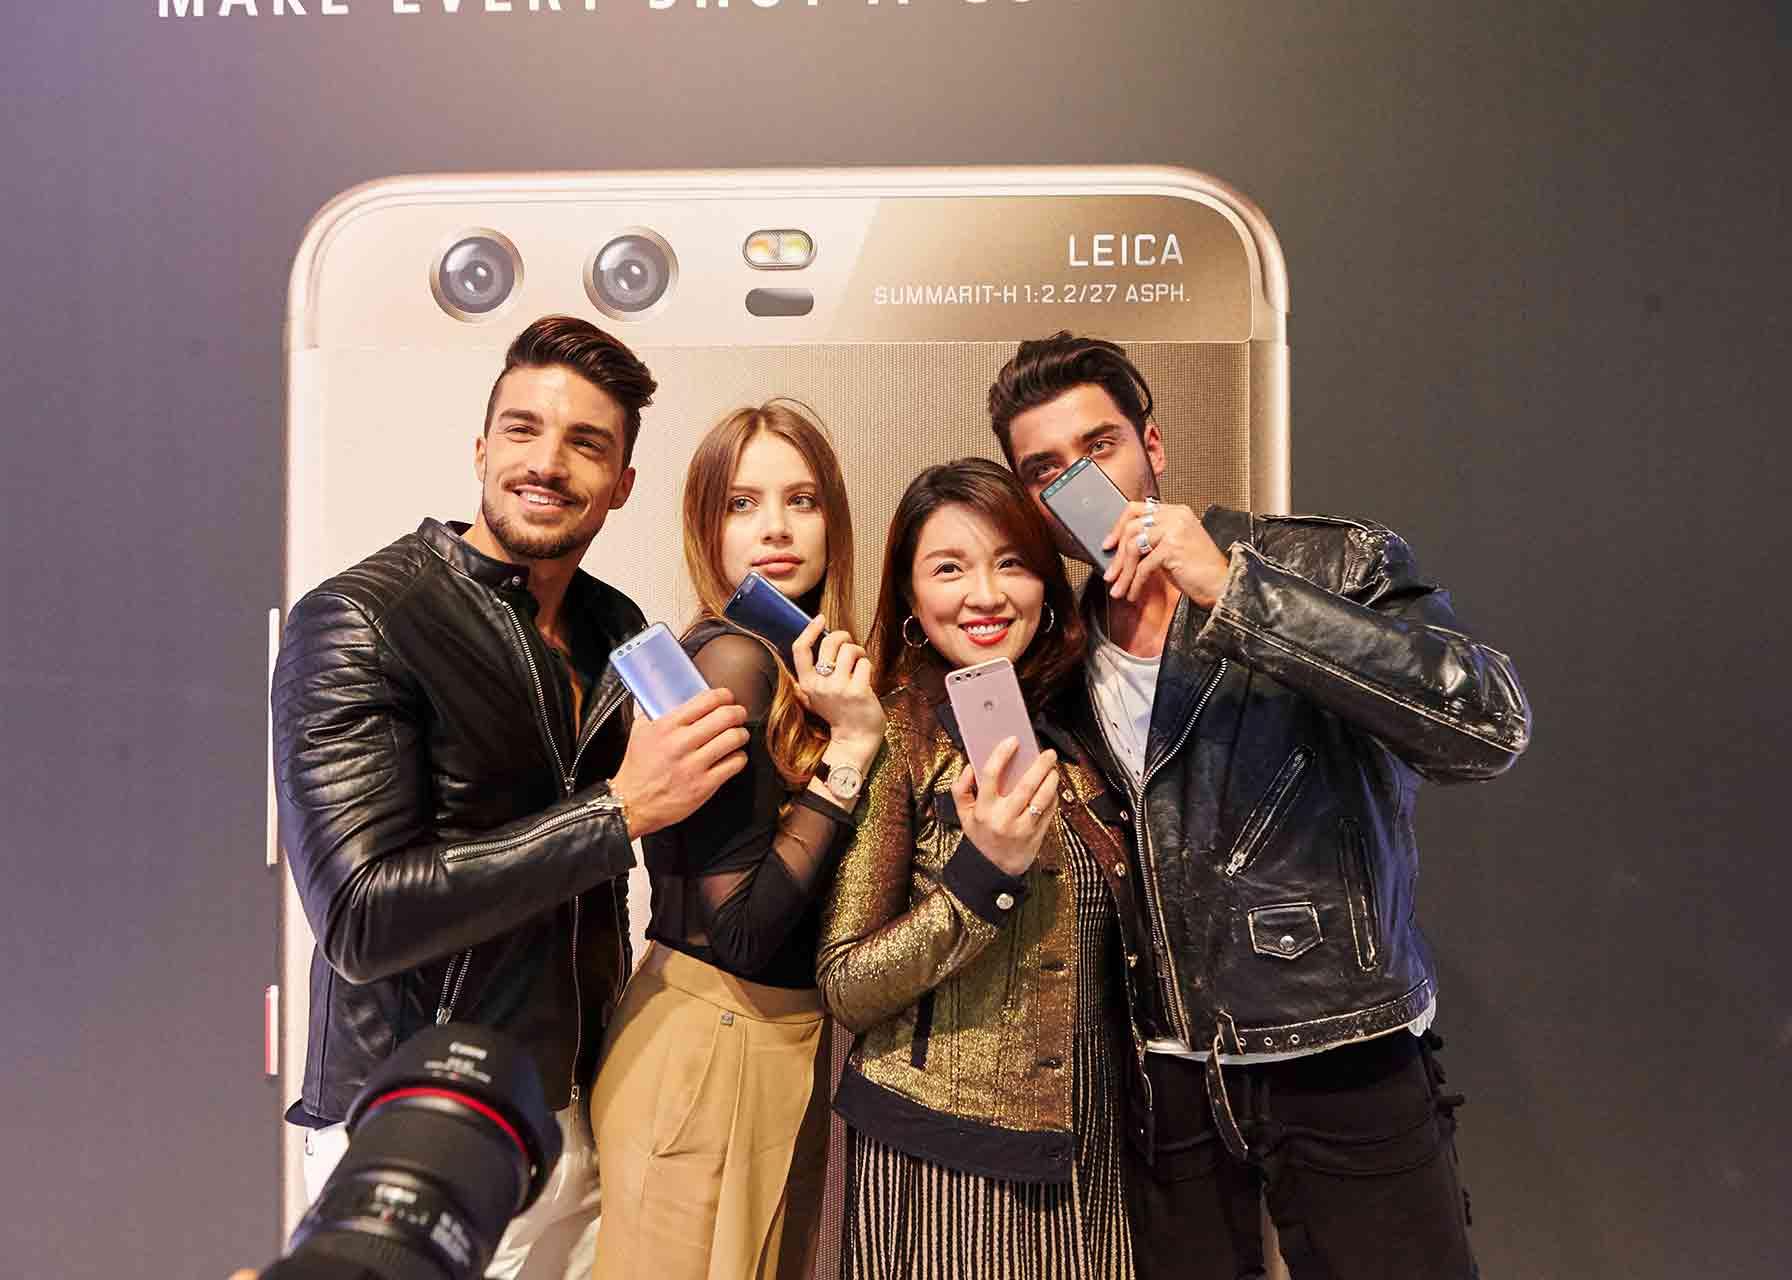 Photocall de Huawei con influencers chinos mostrando el nuevo modelo de smartphone de Huawei en el MWC de Barcelona